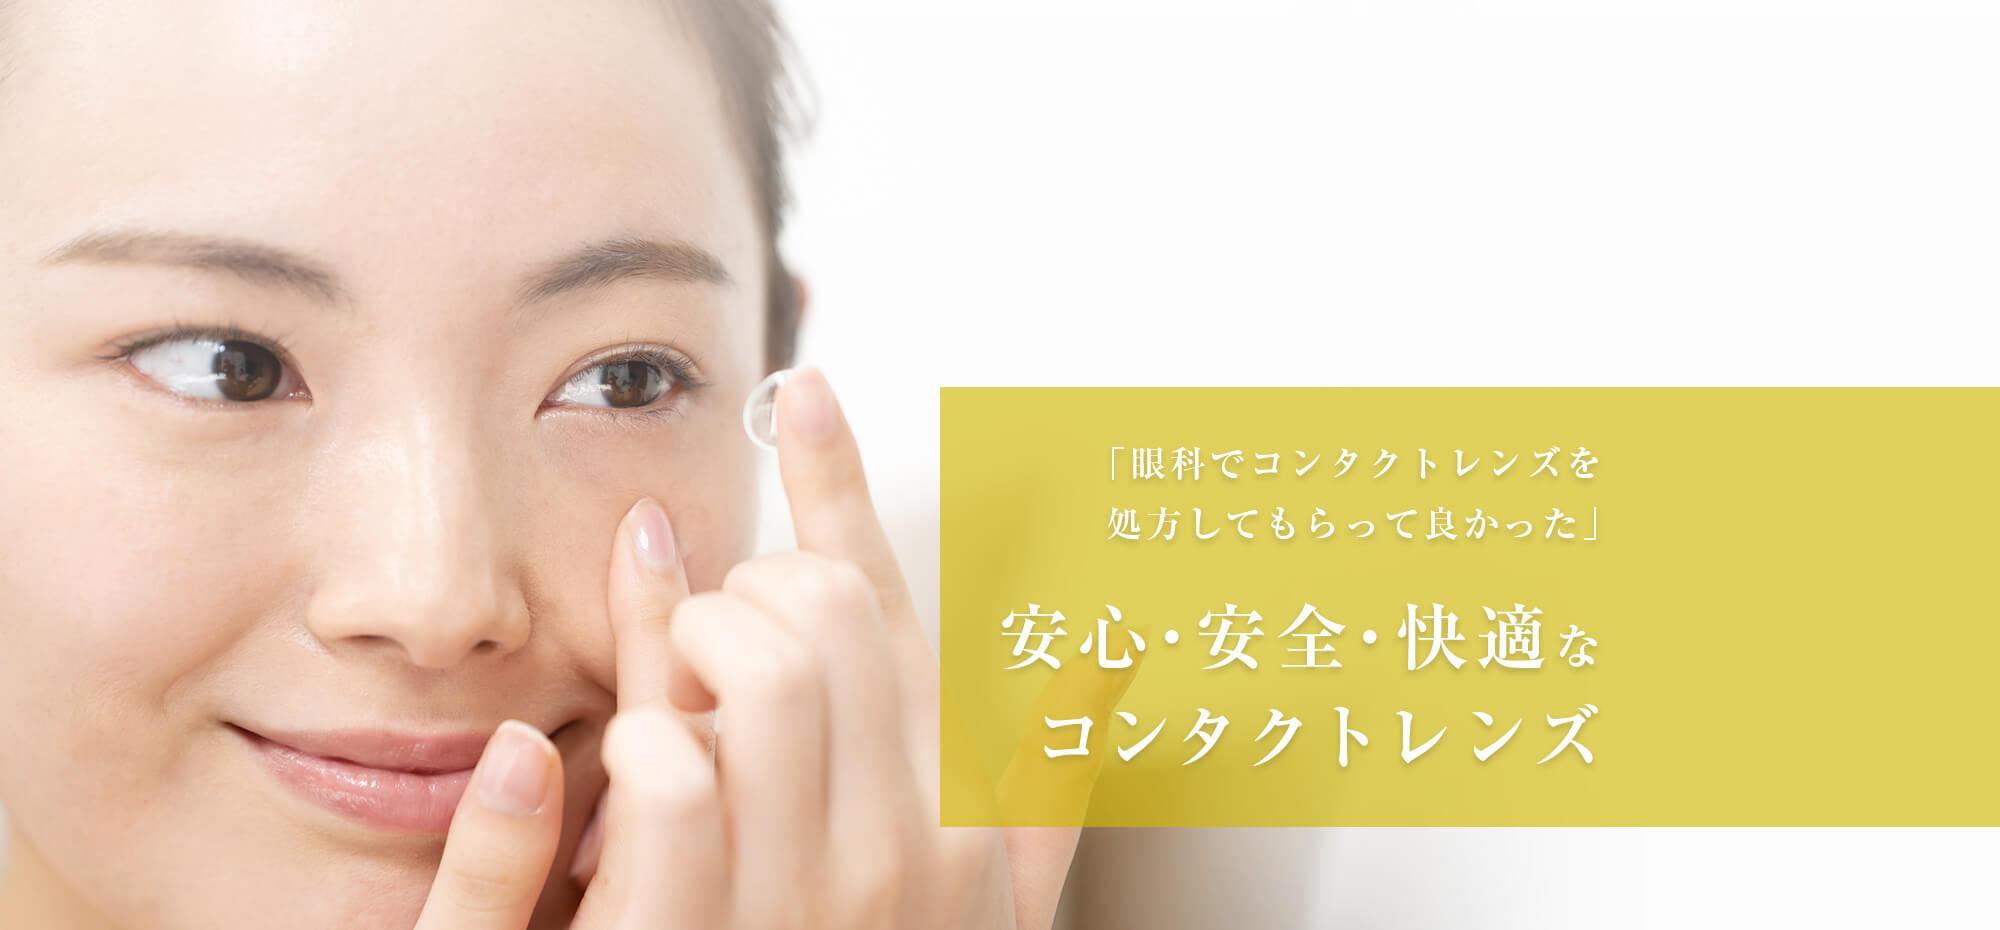 「眼科でコンタクトレンズを処方してもらって良かった」安心・安全・快適なコンタクトレンズ